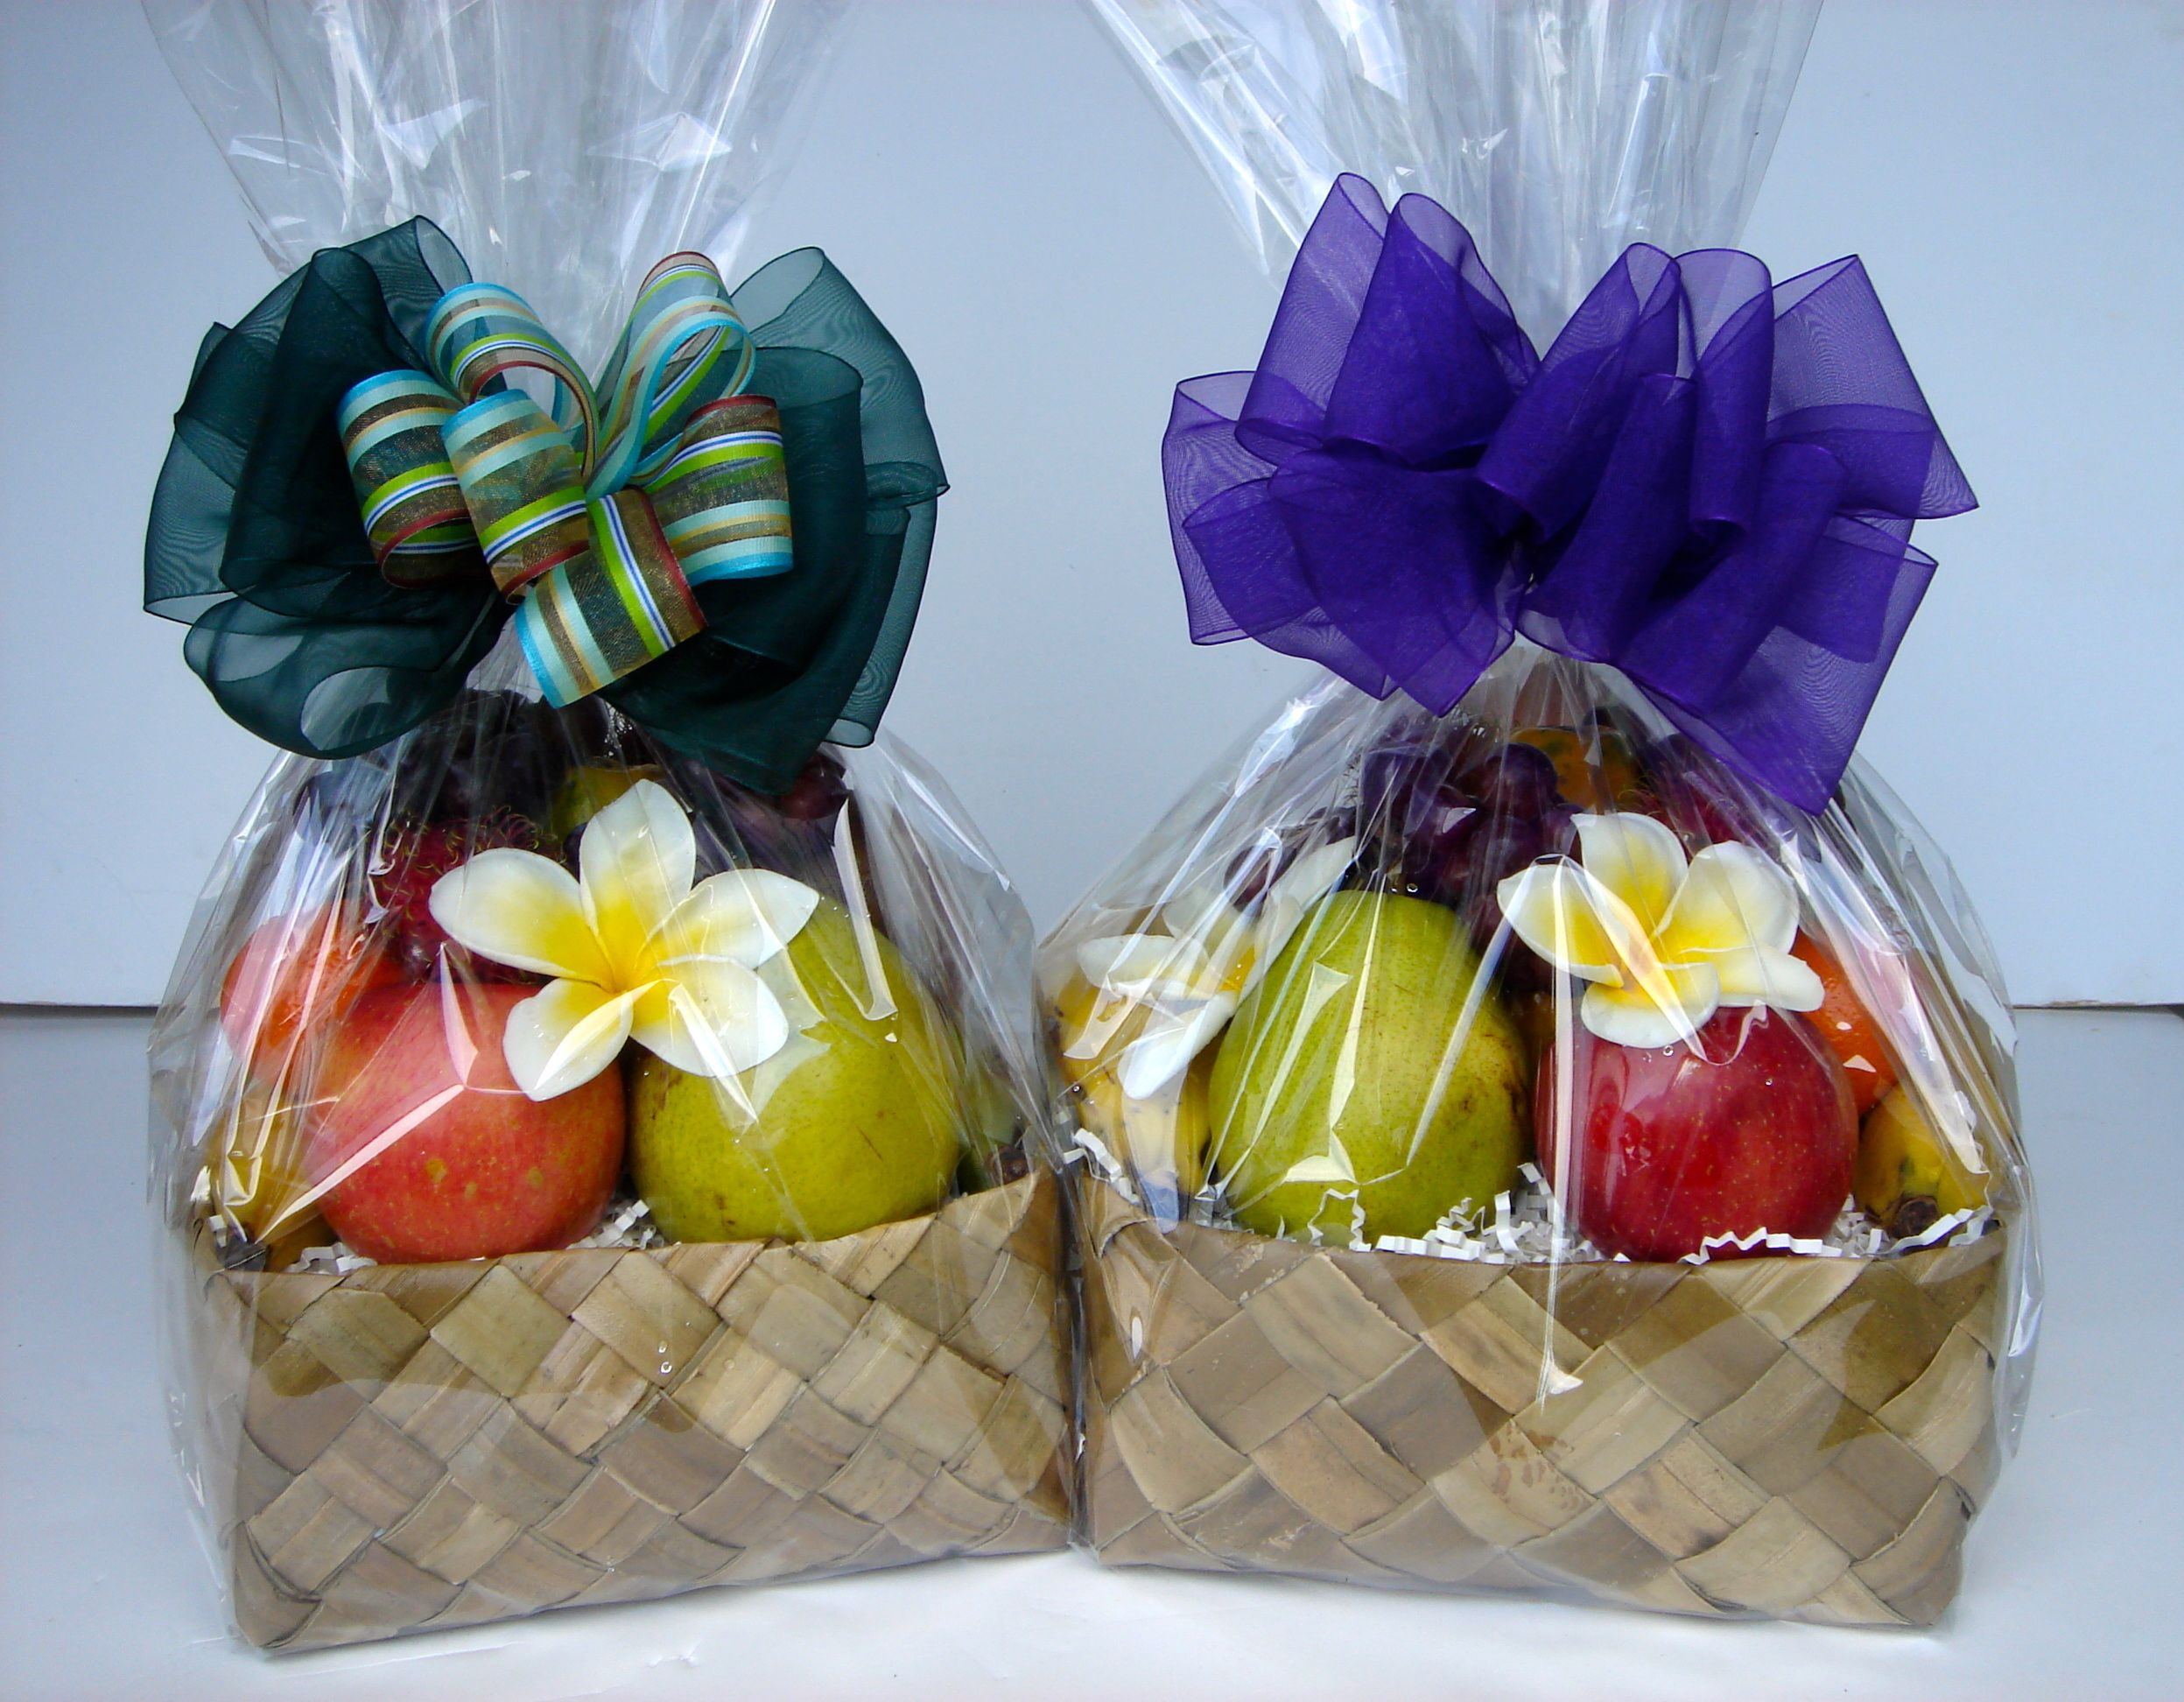 декоративные упаковать подарок в корзину своими руками фото представленном ассортименте